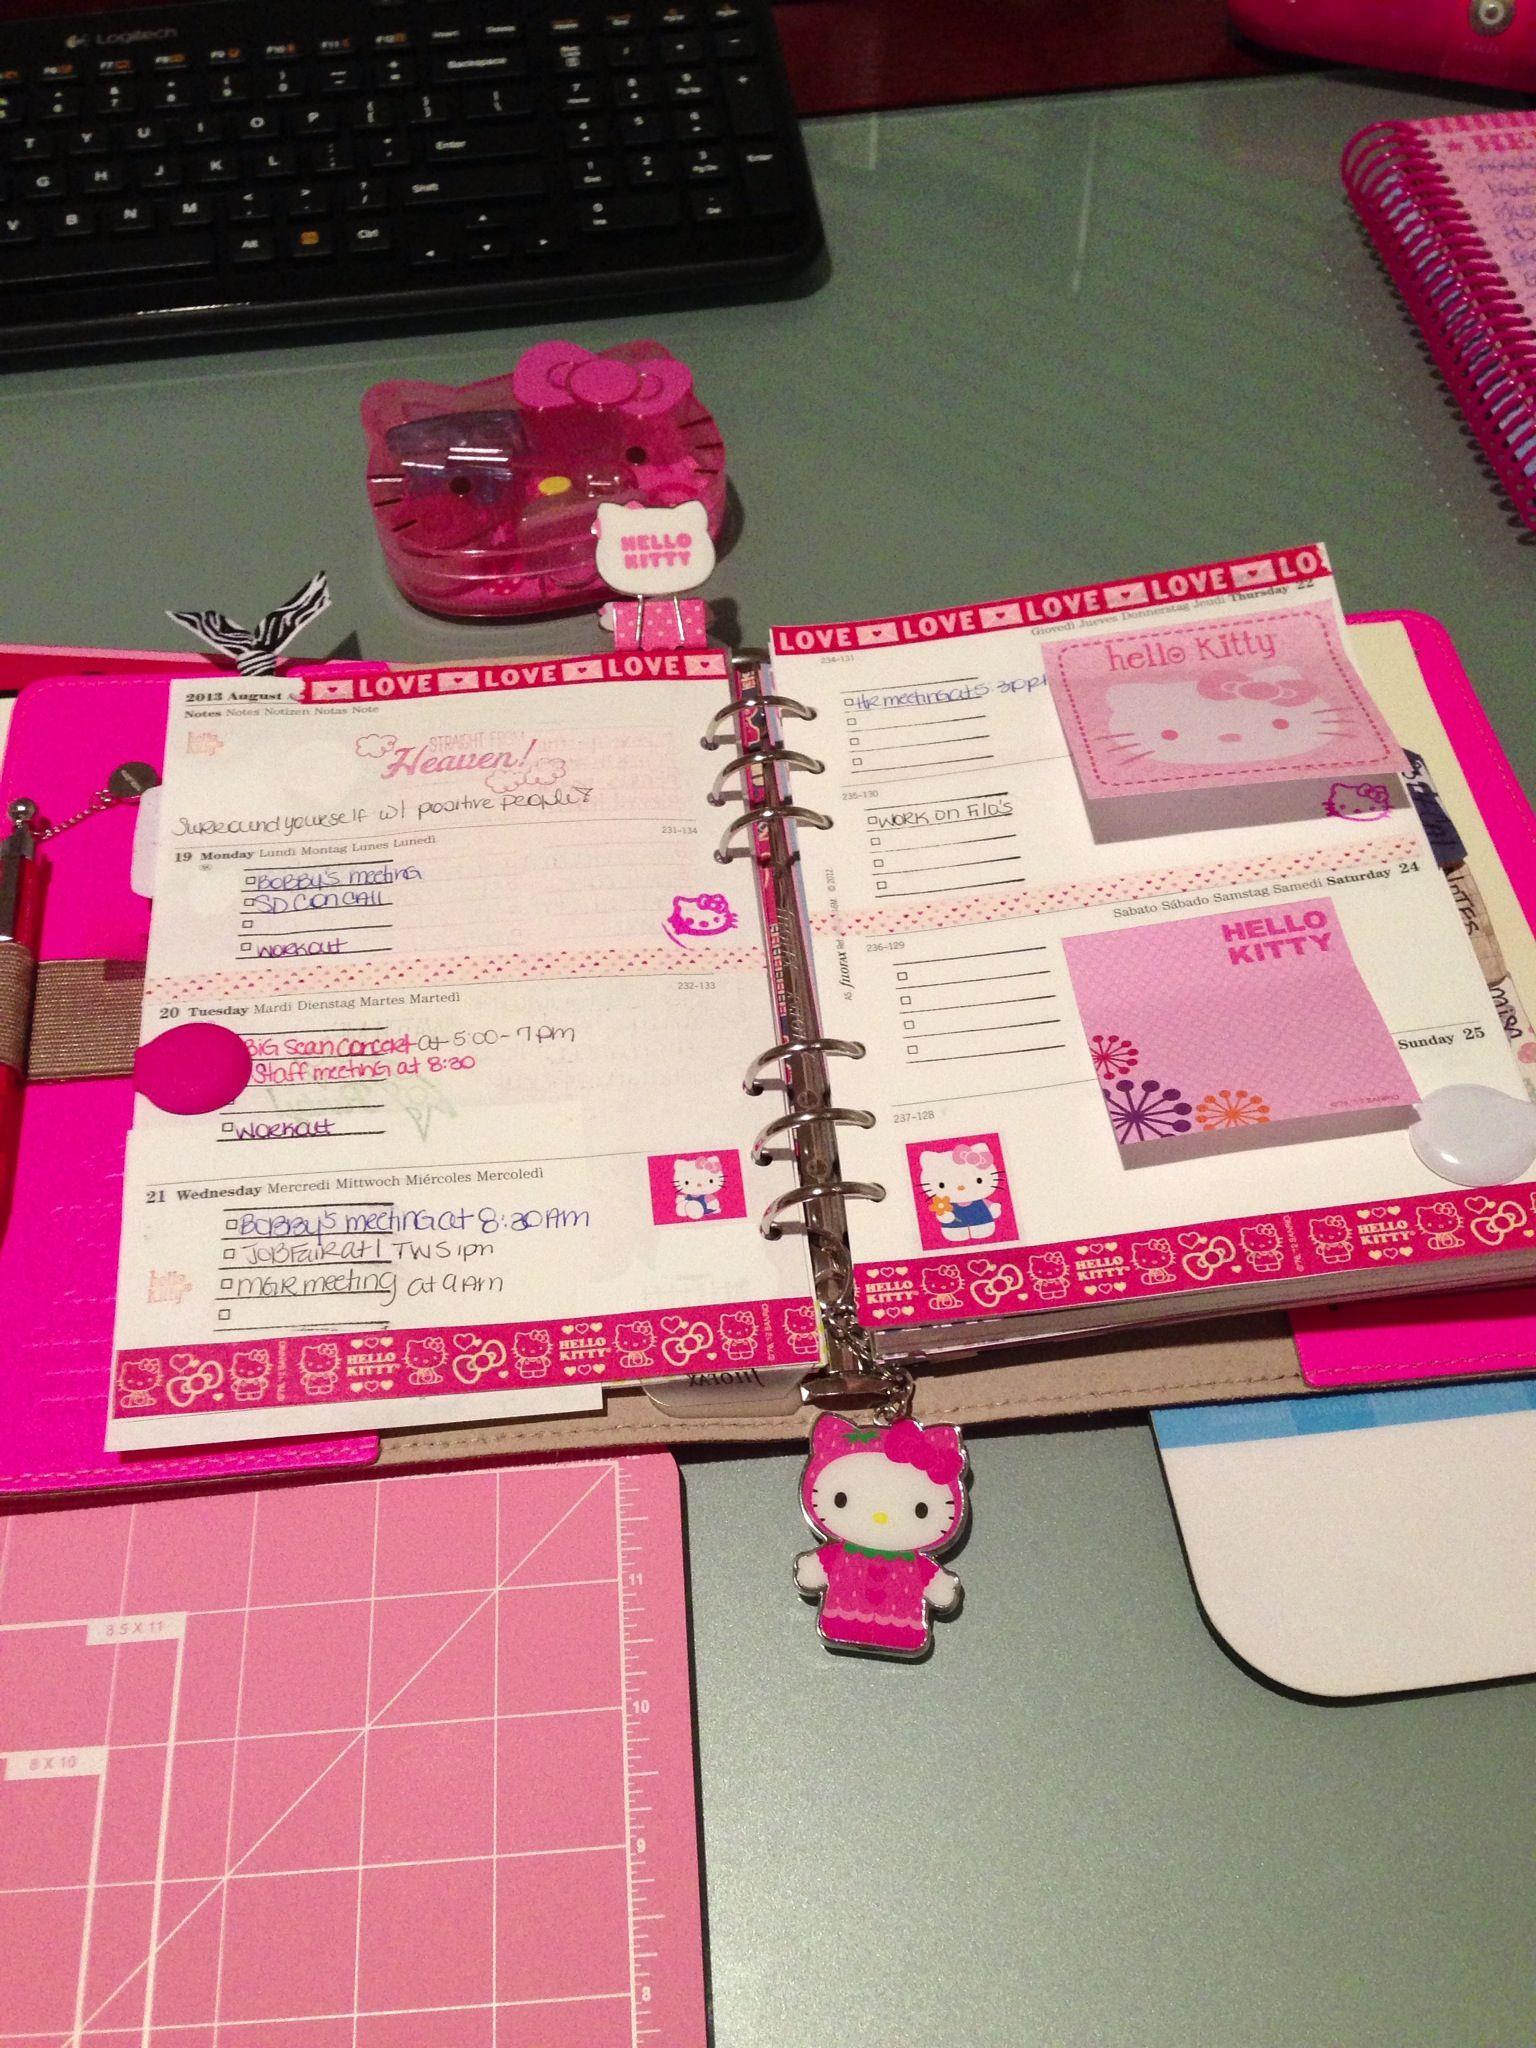 Hello kitty scrapbook ideas - Hello Kitty